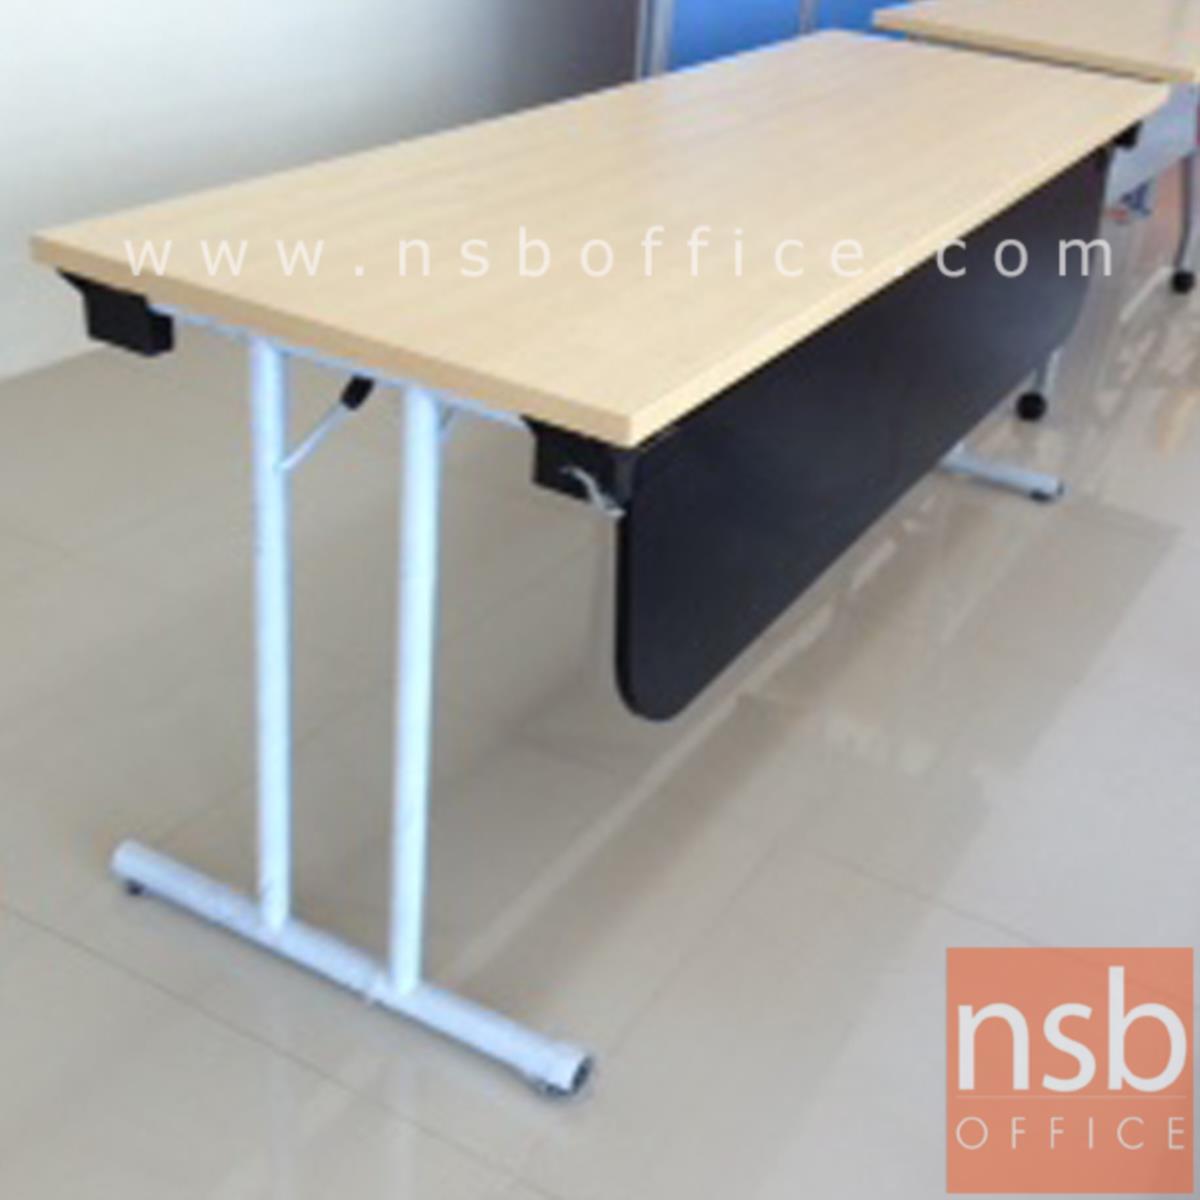 โต๊ะประชุมพับเก็บได้  ขนาด 150W ,180W cm.  พร้อมบังโป๊ไม้ ขาเหล็กทำสี